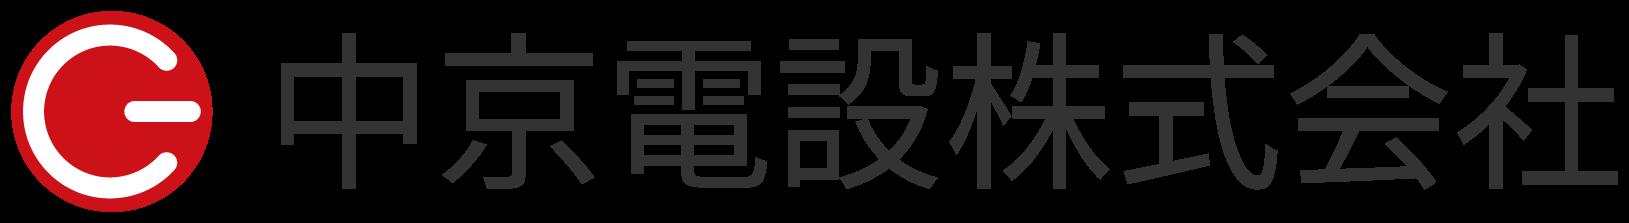 中京電設株式会社